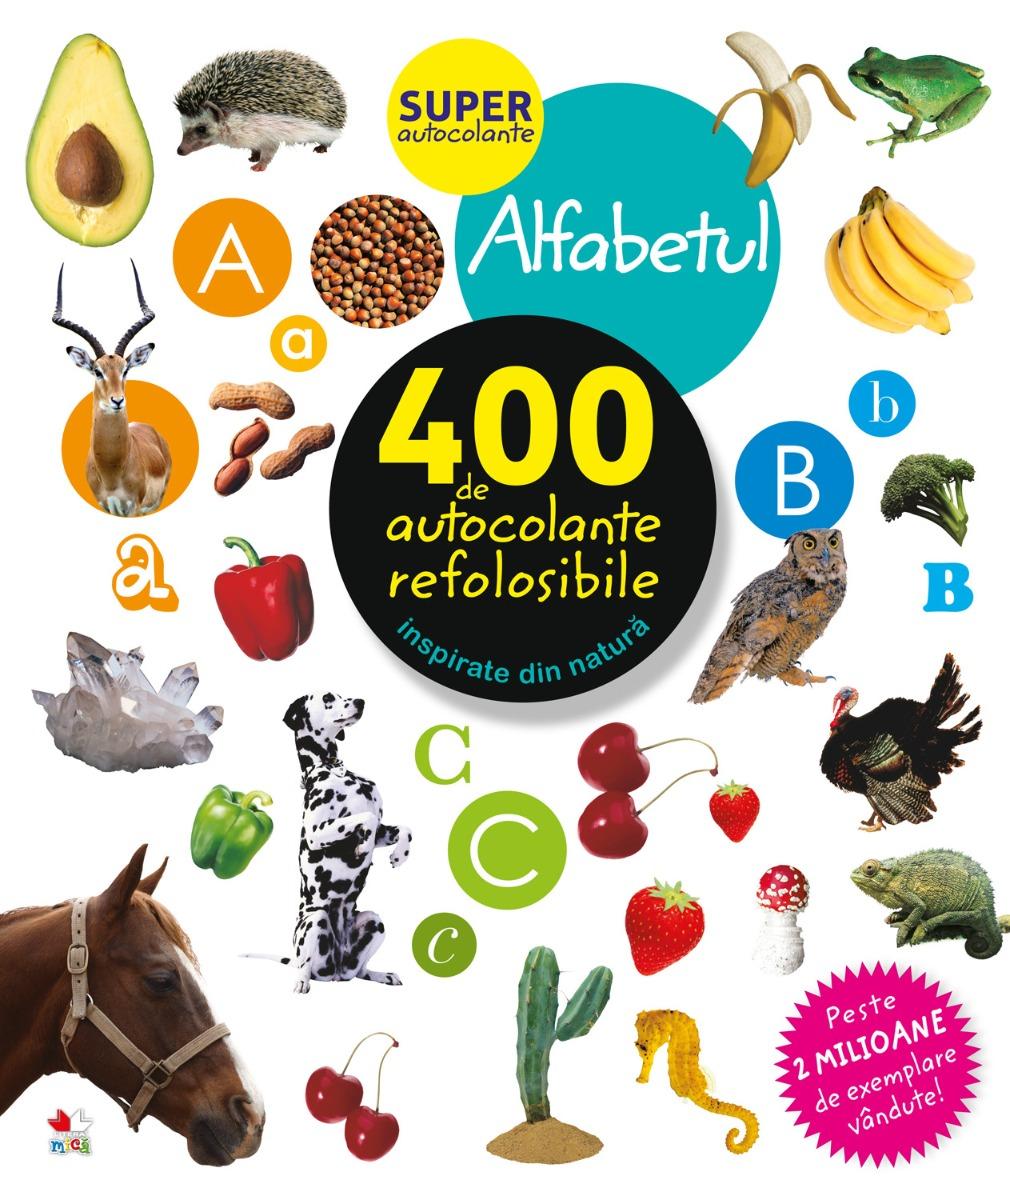 Autocolante refolosibile, alfabetul - Editura Litera